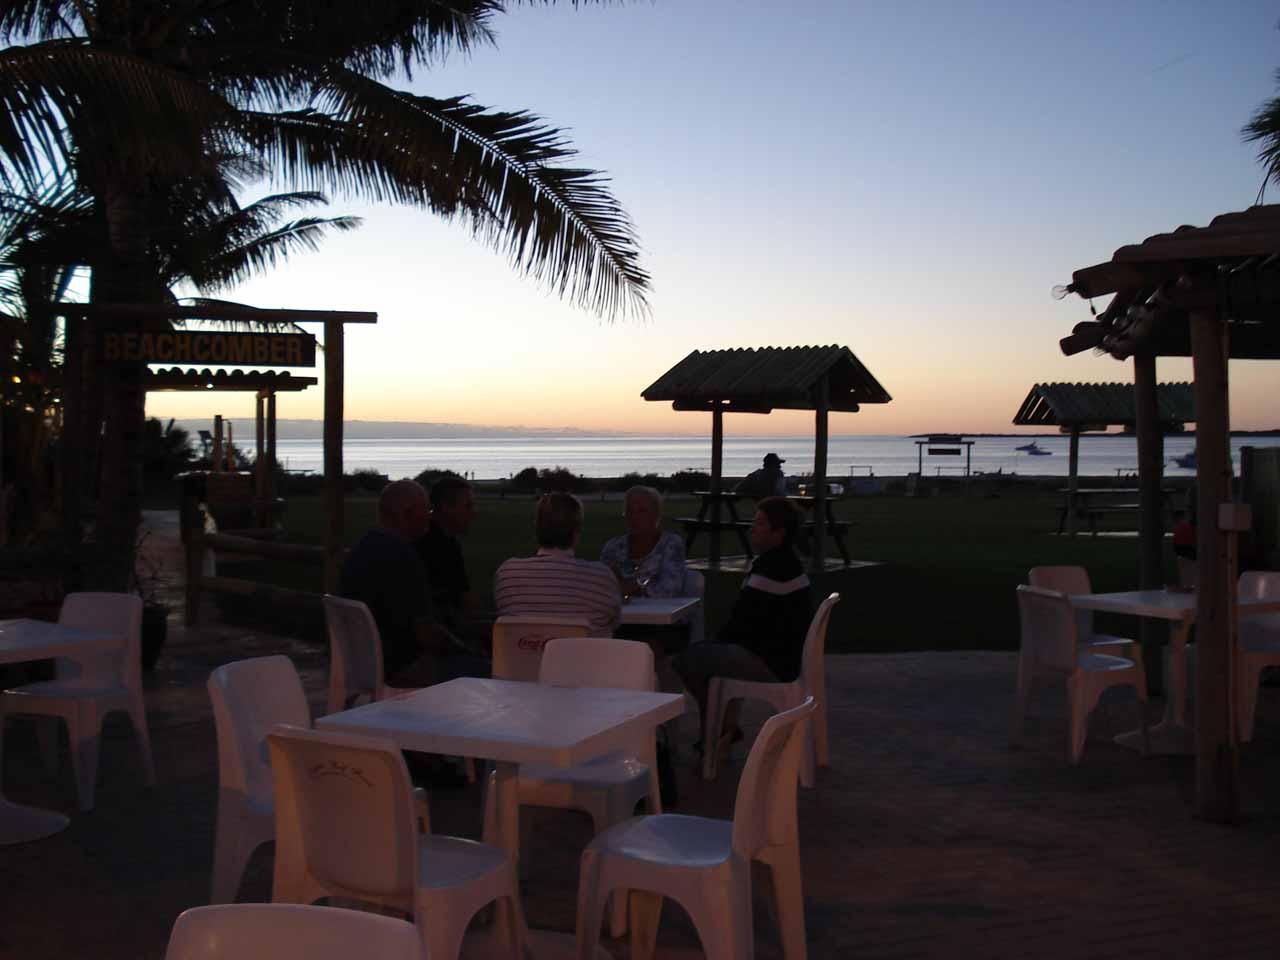 Dinner at Coral Bay